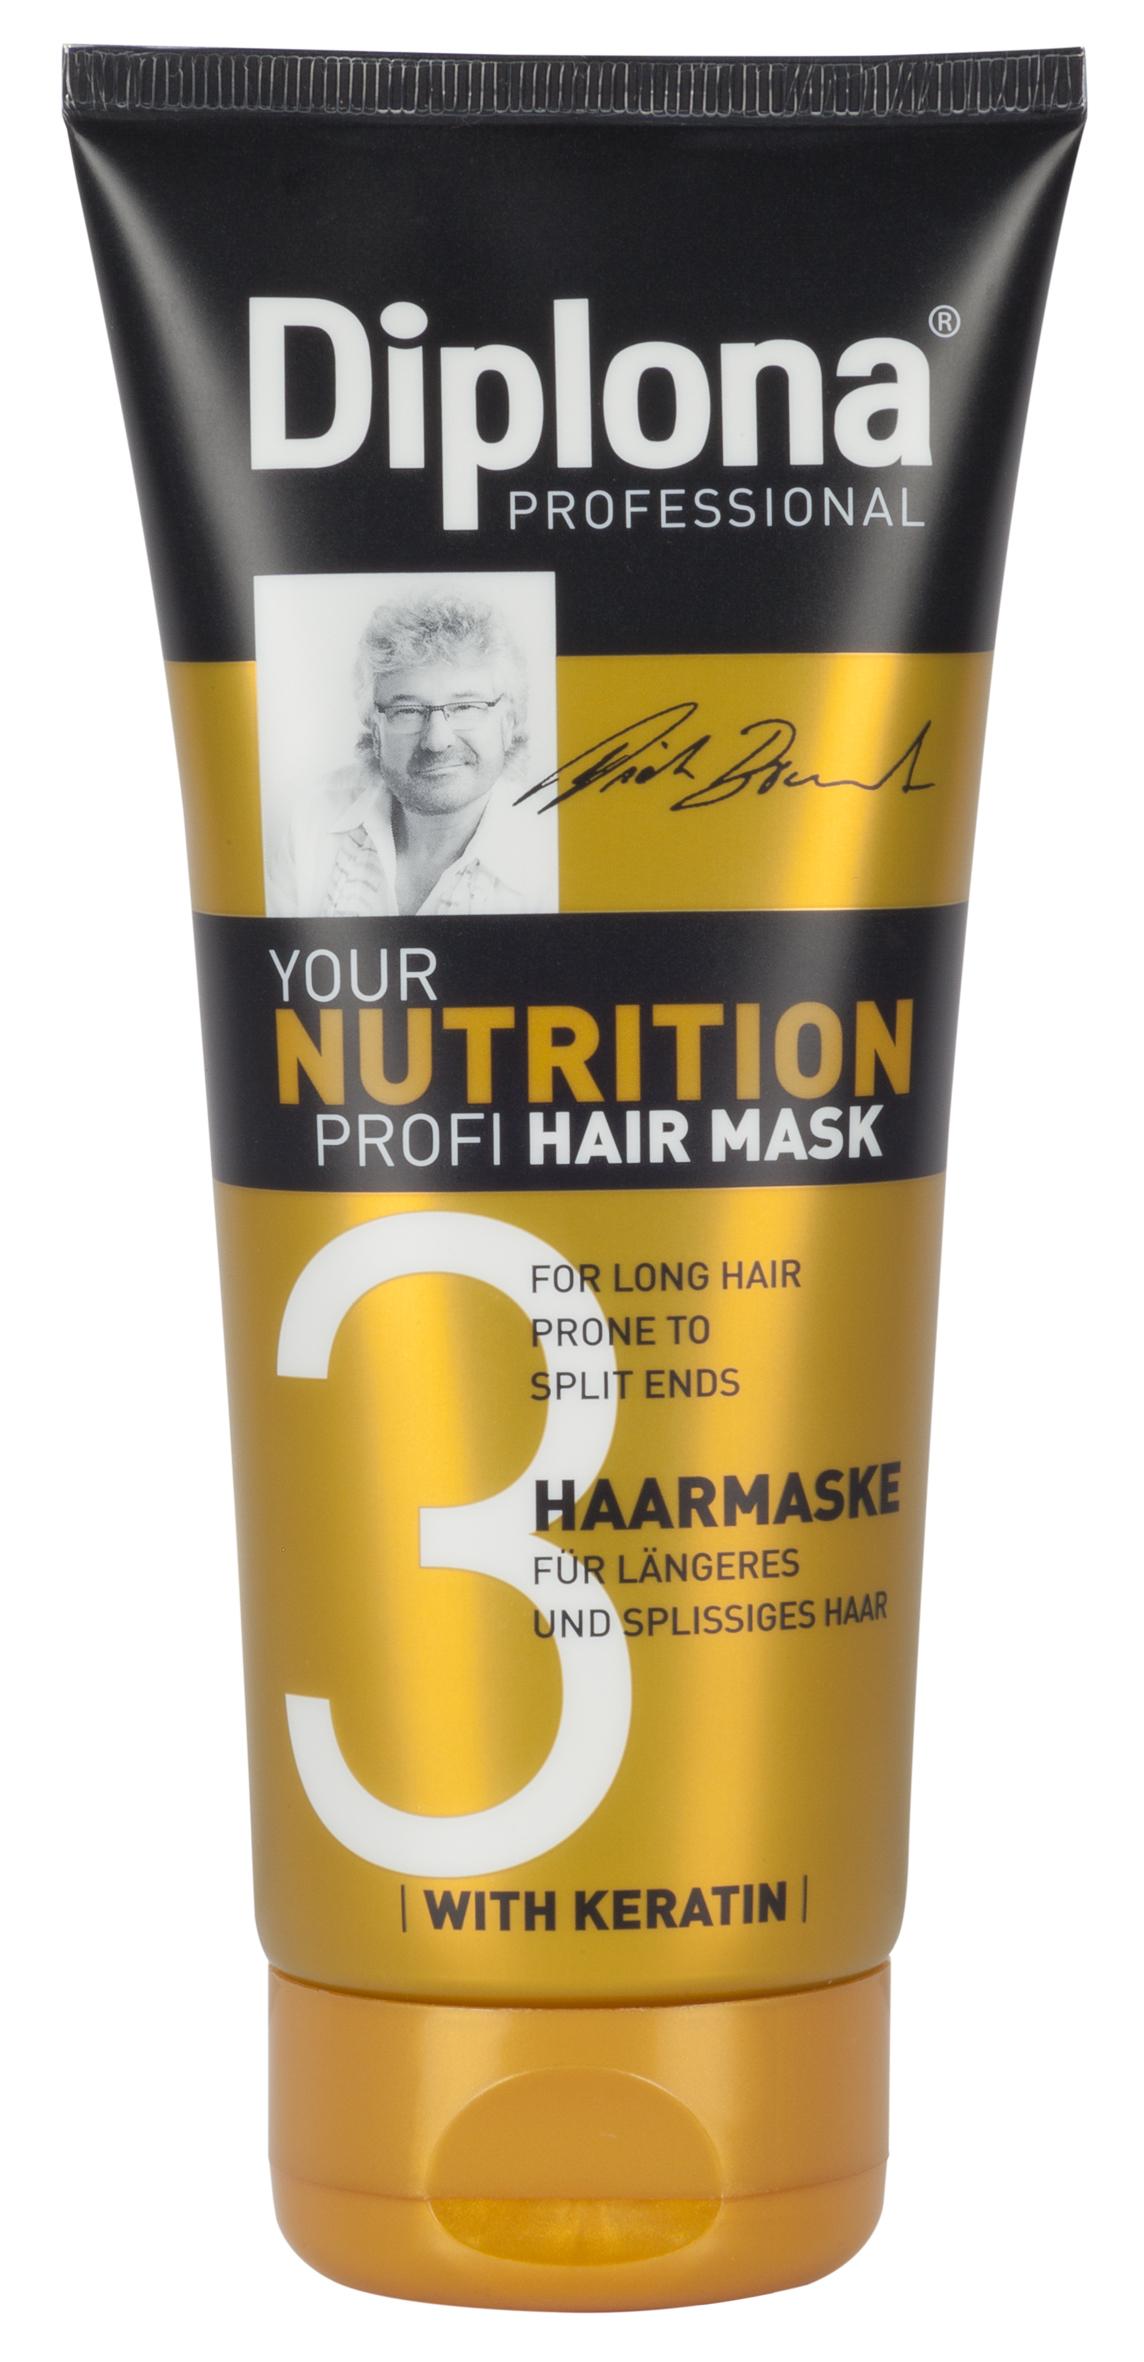 Маска для волос Diplona Professional Your Nutrition Profi, для длинных, секущихся волос, 200 млFS-00897Маска для волос Diplona Professional Your Nutrition Profi - питательный уход для длинных, секущихся волос. Основные компоненты:Пантенол - помогает восстановить поврежденные волосяные луковицы и секущиеся концы волос. Масло Ши - имеет схожий с липидами волос состав, поэтому легко заполняет образовавшиеся в кутикуле трещины, восстанавливая ее структуру и возвращая волосам силу. Обладает смягчающими, увлажняющими и регенерирующими свойствами. Протеины пшеницы - обладает увлажняющими, восстанавливающими свойствами, усиливает естественные функции кожи, в том числе активизируют механизмы защиты. Витамин В3 - благодаря своему сосудорасширяющему действию позволяет облегчить проникновение активных веществ, что благоприятно влияет на рост волос. Глицерин - проникает во внутрь волоса, удерживает в нем влагу, тем самым делая его прочным и упругим. Антистатик - предупреждает электризацию волос, смягчает волосы, делая их послушными. Характеристики: Объем: 200 мл. Производитель: Германия. Артикул: 95180.Diplona Professionalсуществует на немецком рынке более 40 лет, была разработана совместно с лучшим стилистом, неоднократным победителем конкурсов парикмахерского искусства Германии и основателем немецких салонов красоты с 60-летней историей Дитером Брюннетом.Товар сертифицирован.